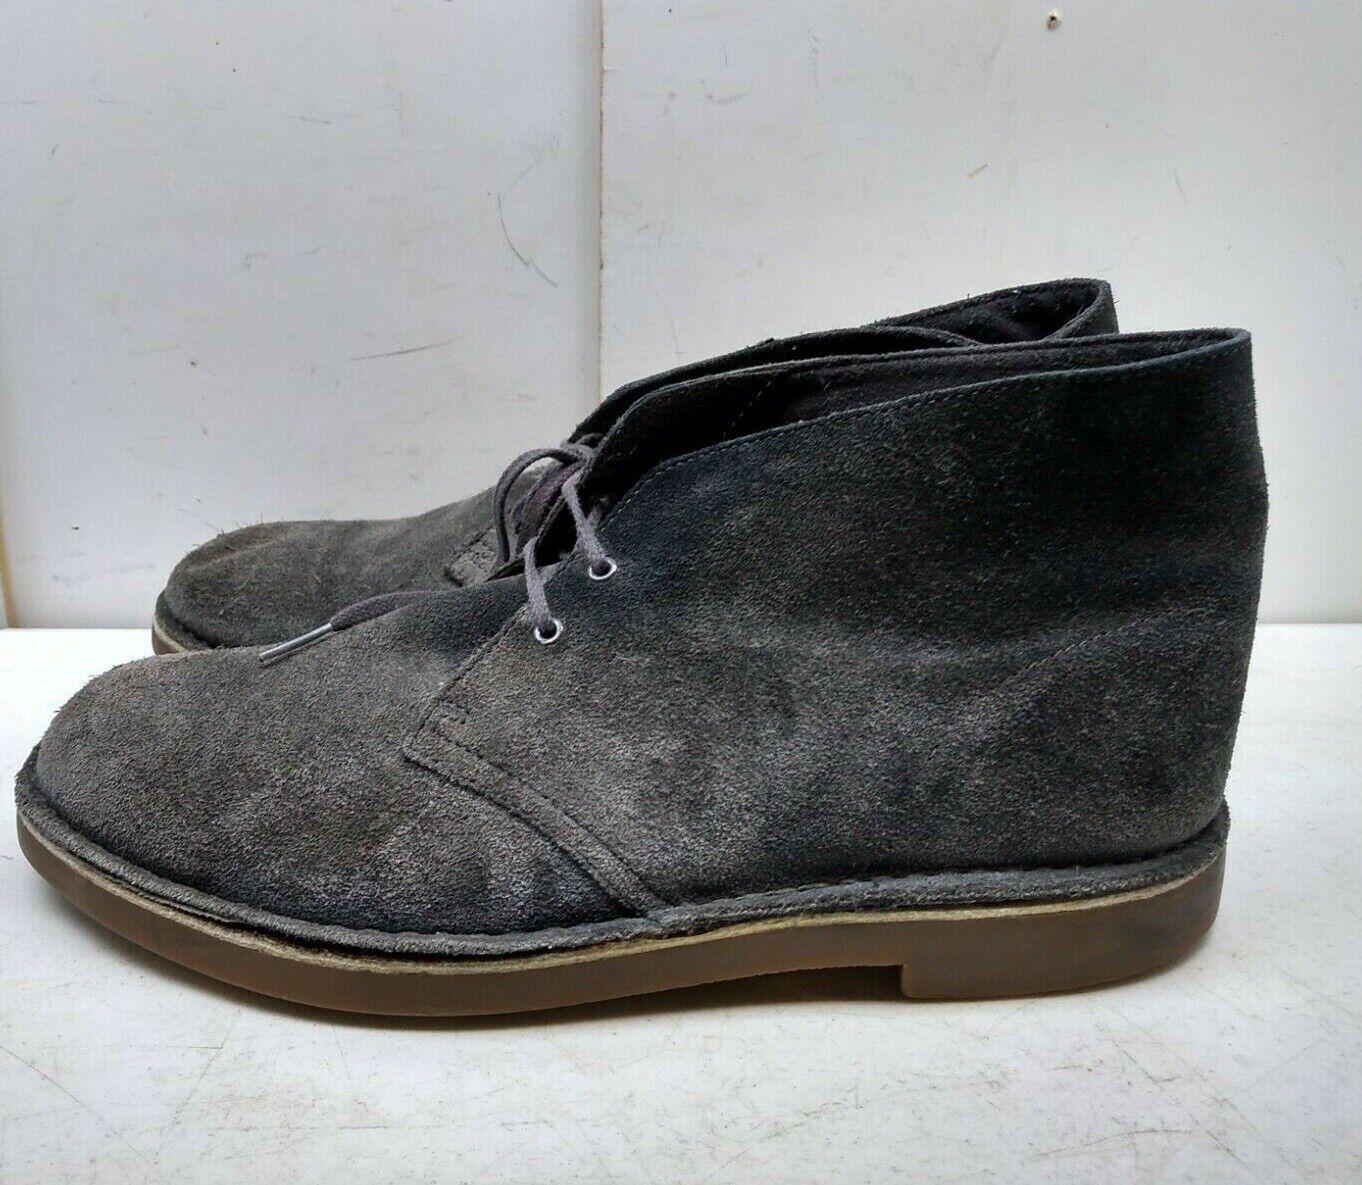 Clarks Oscuro gris Gamuza Suela De Goma Bota De Desierto Chukka Zapatos para hombres informal 11M 45,5